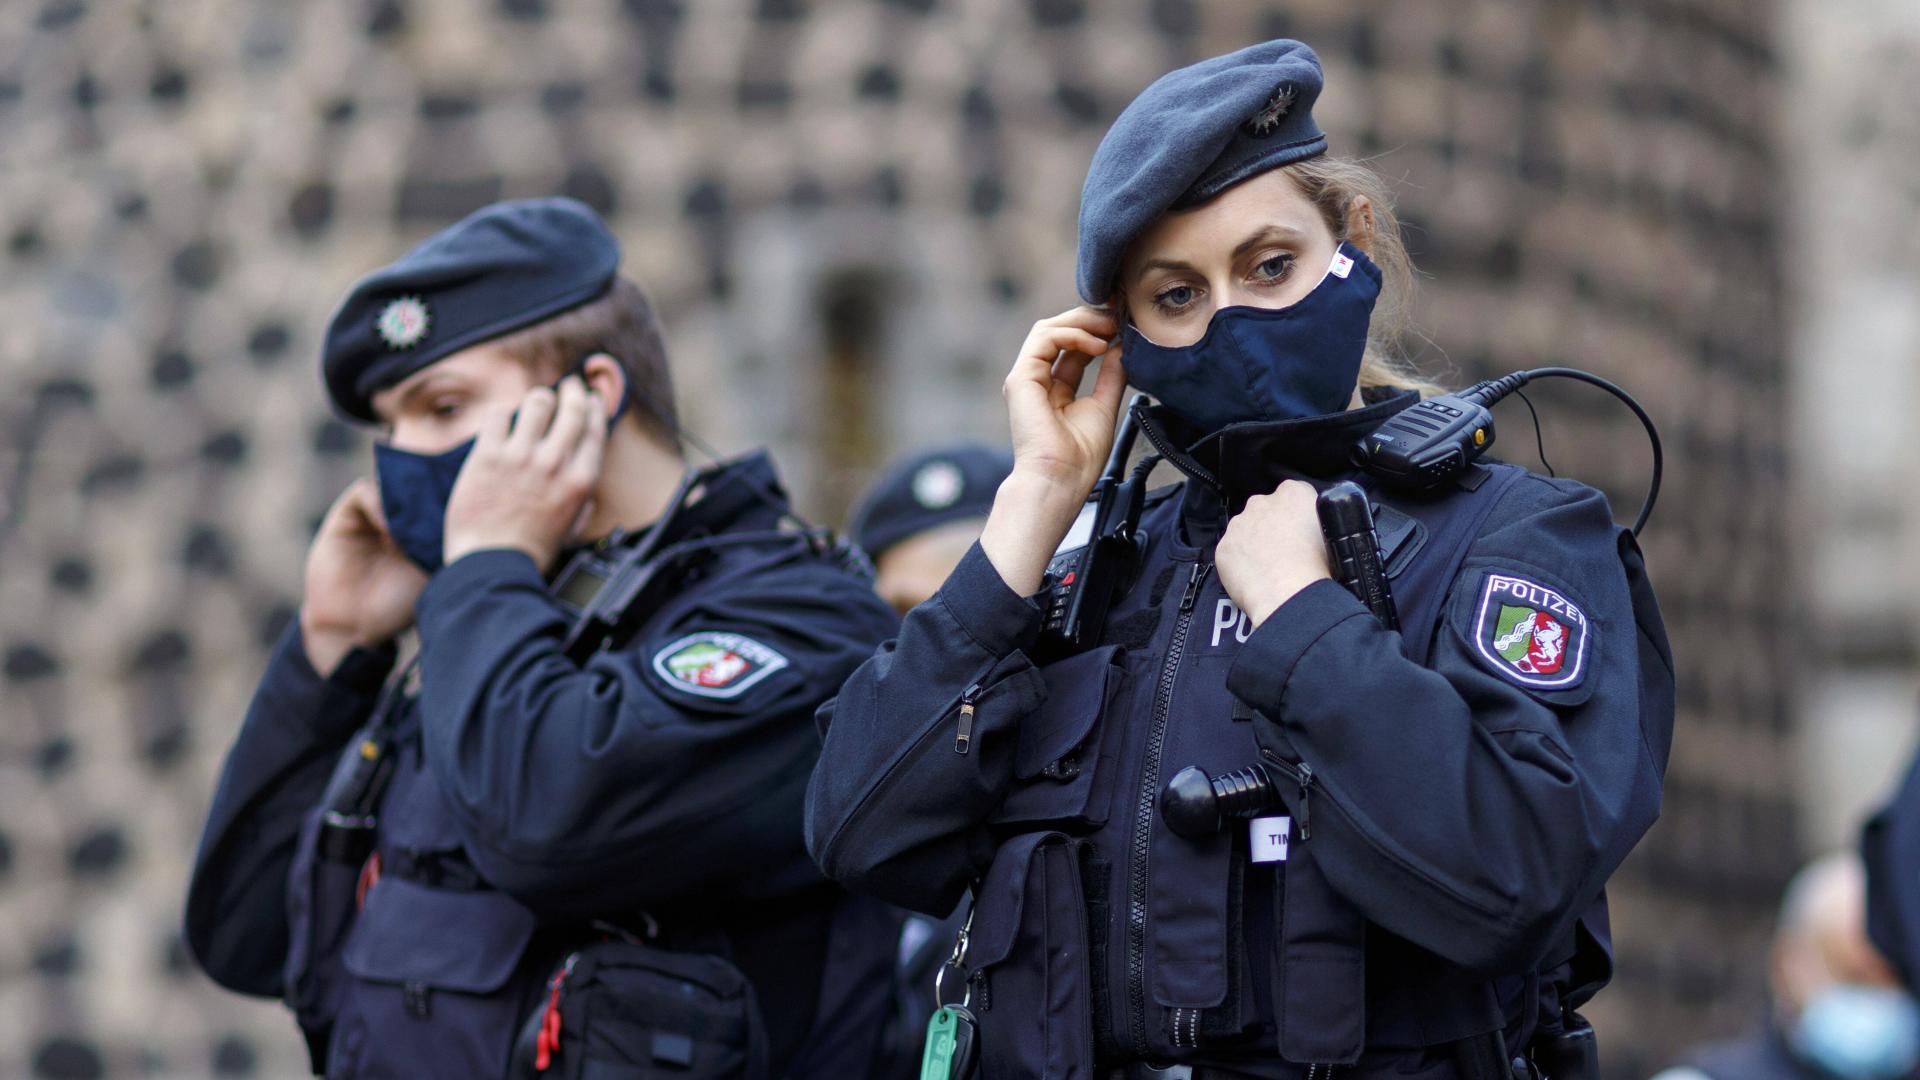 polizistinnen polizei